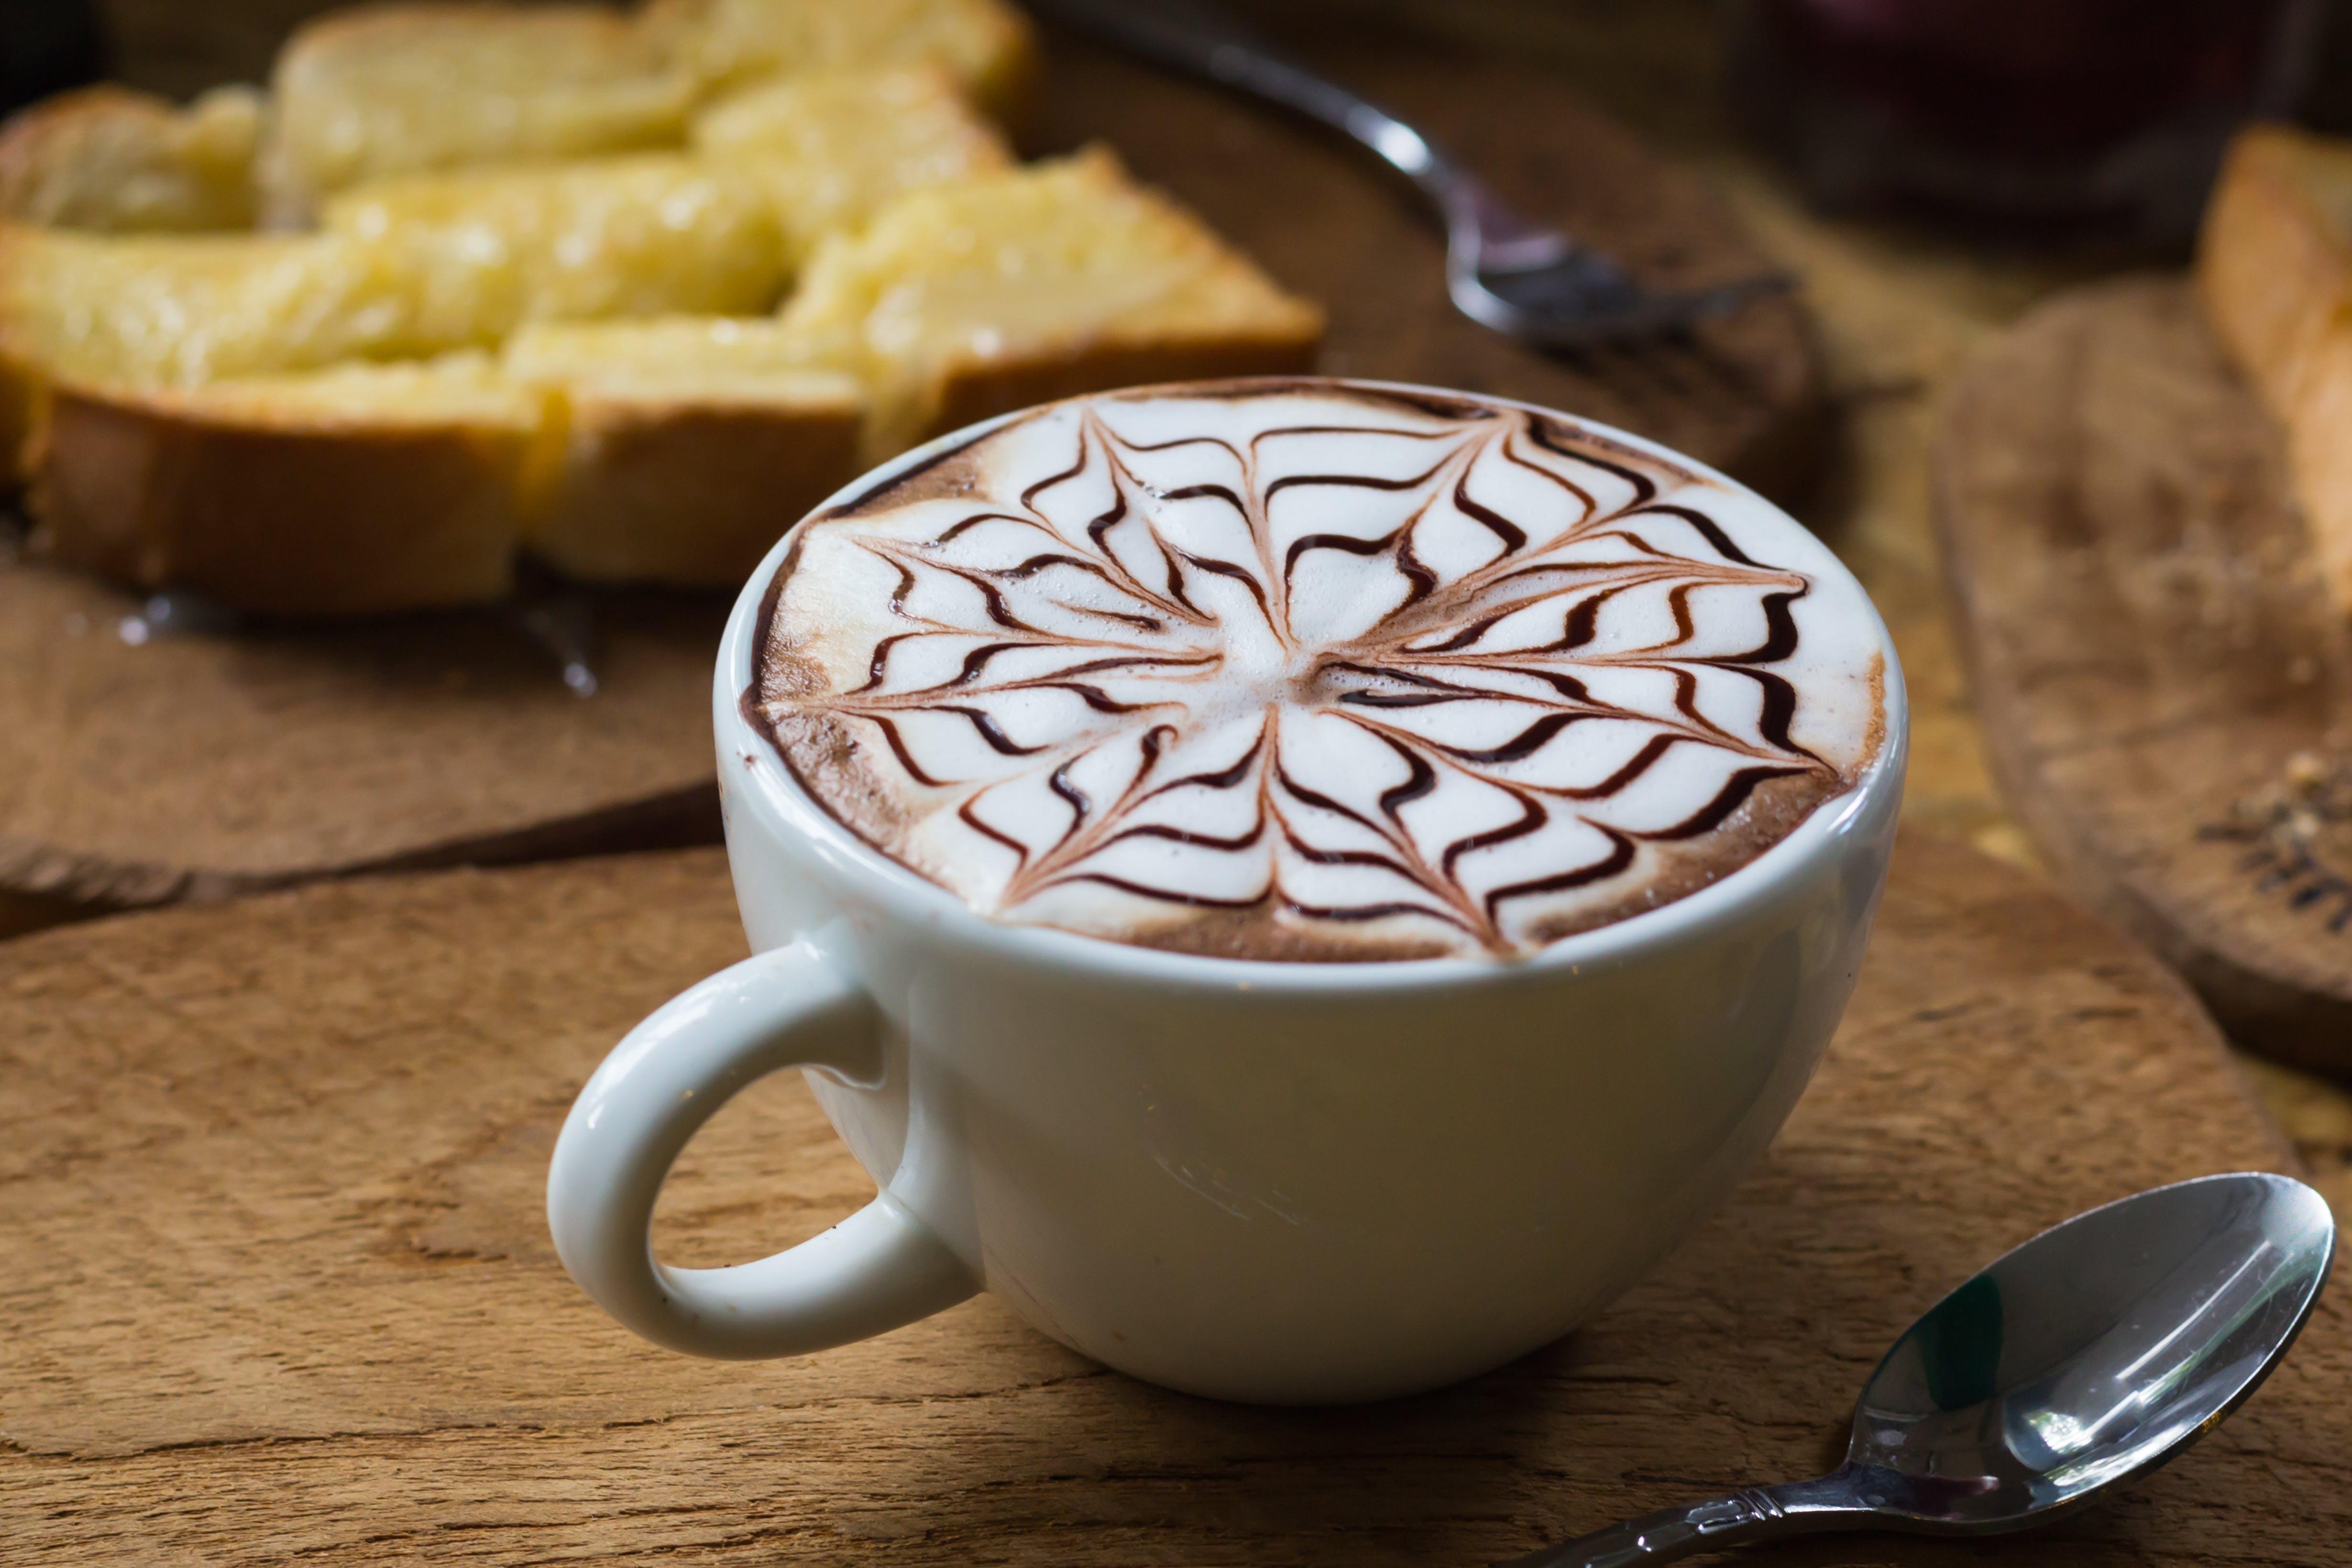 Flower Designed Latte